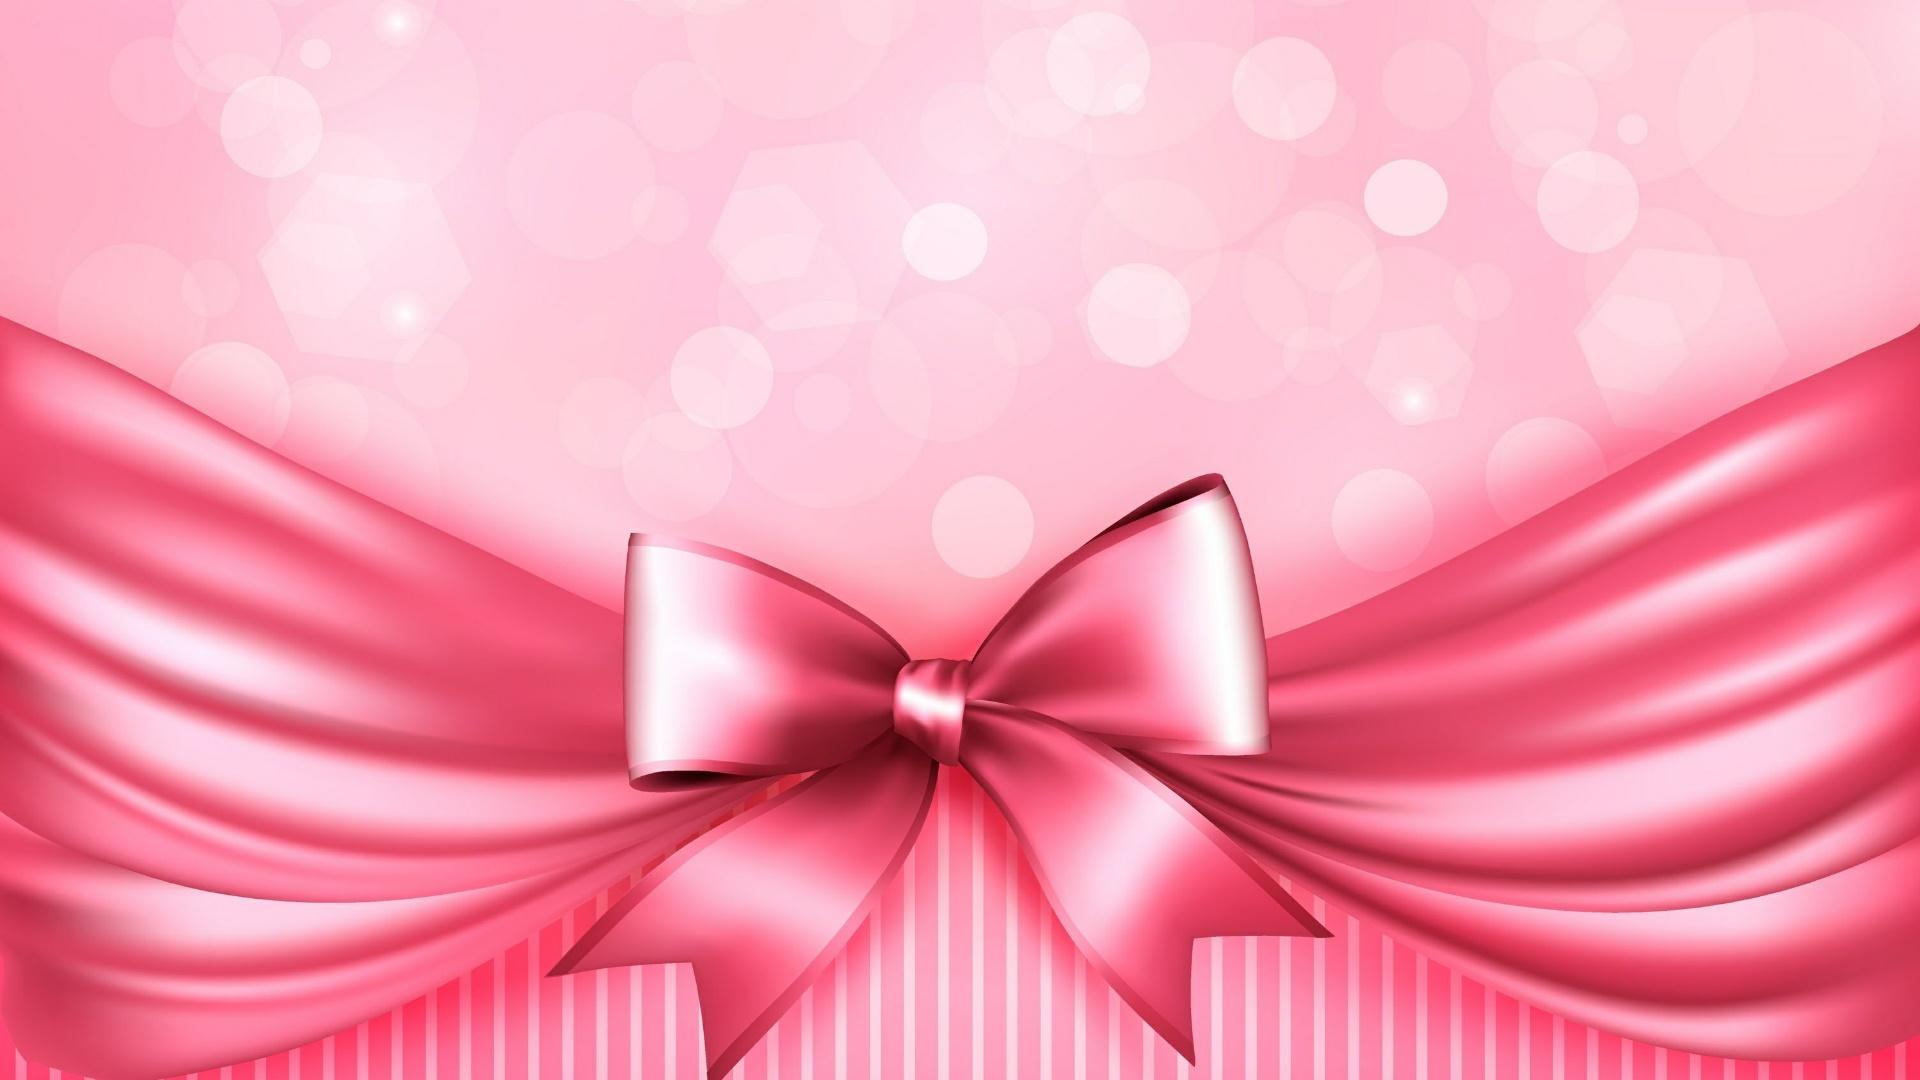 Pink ribbon bow wallpaper